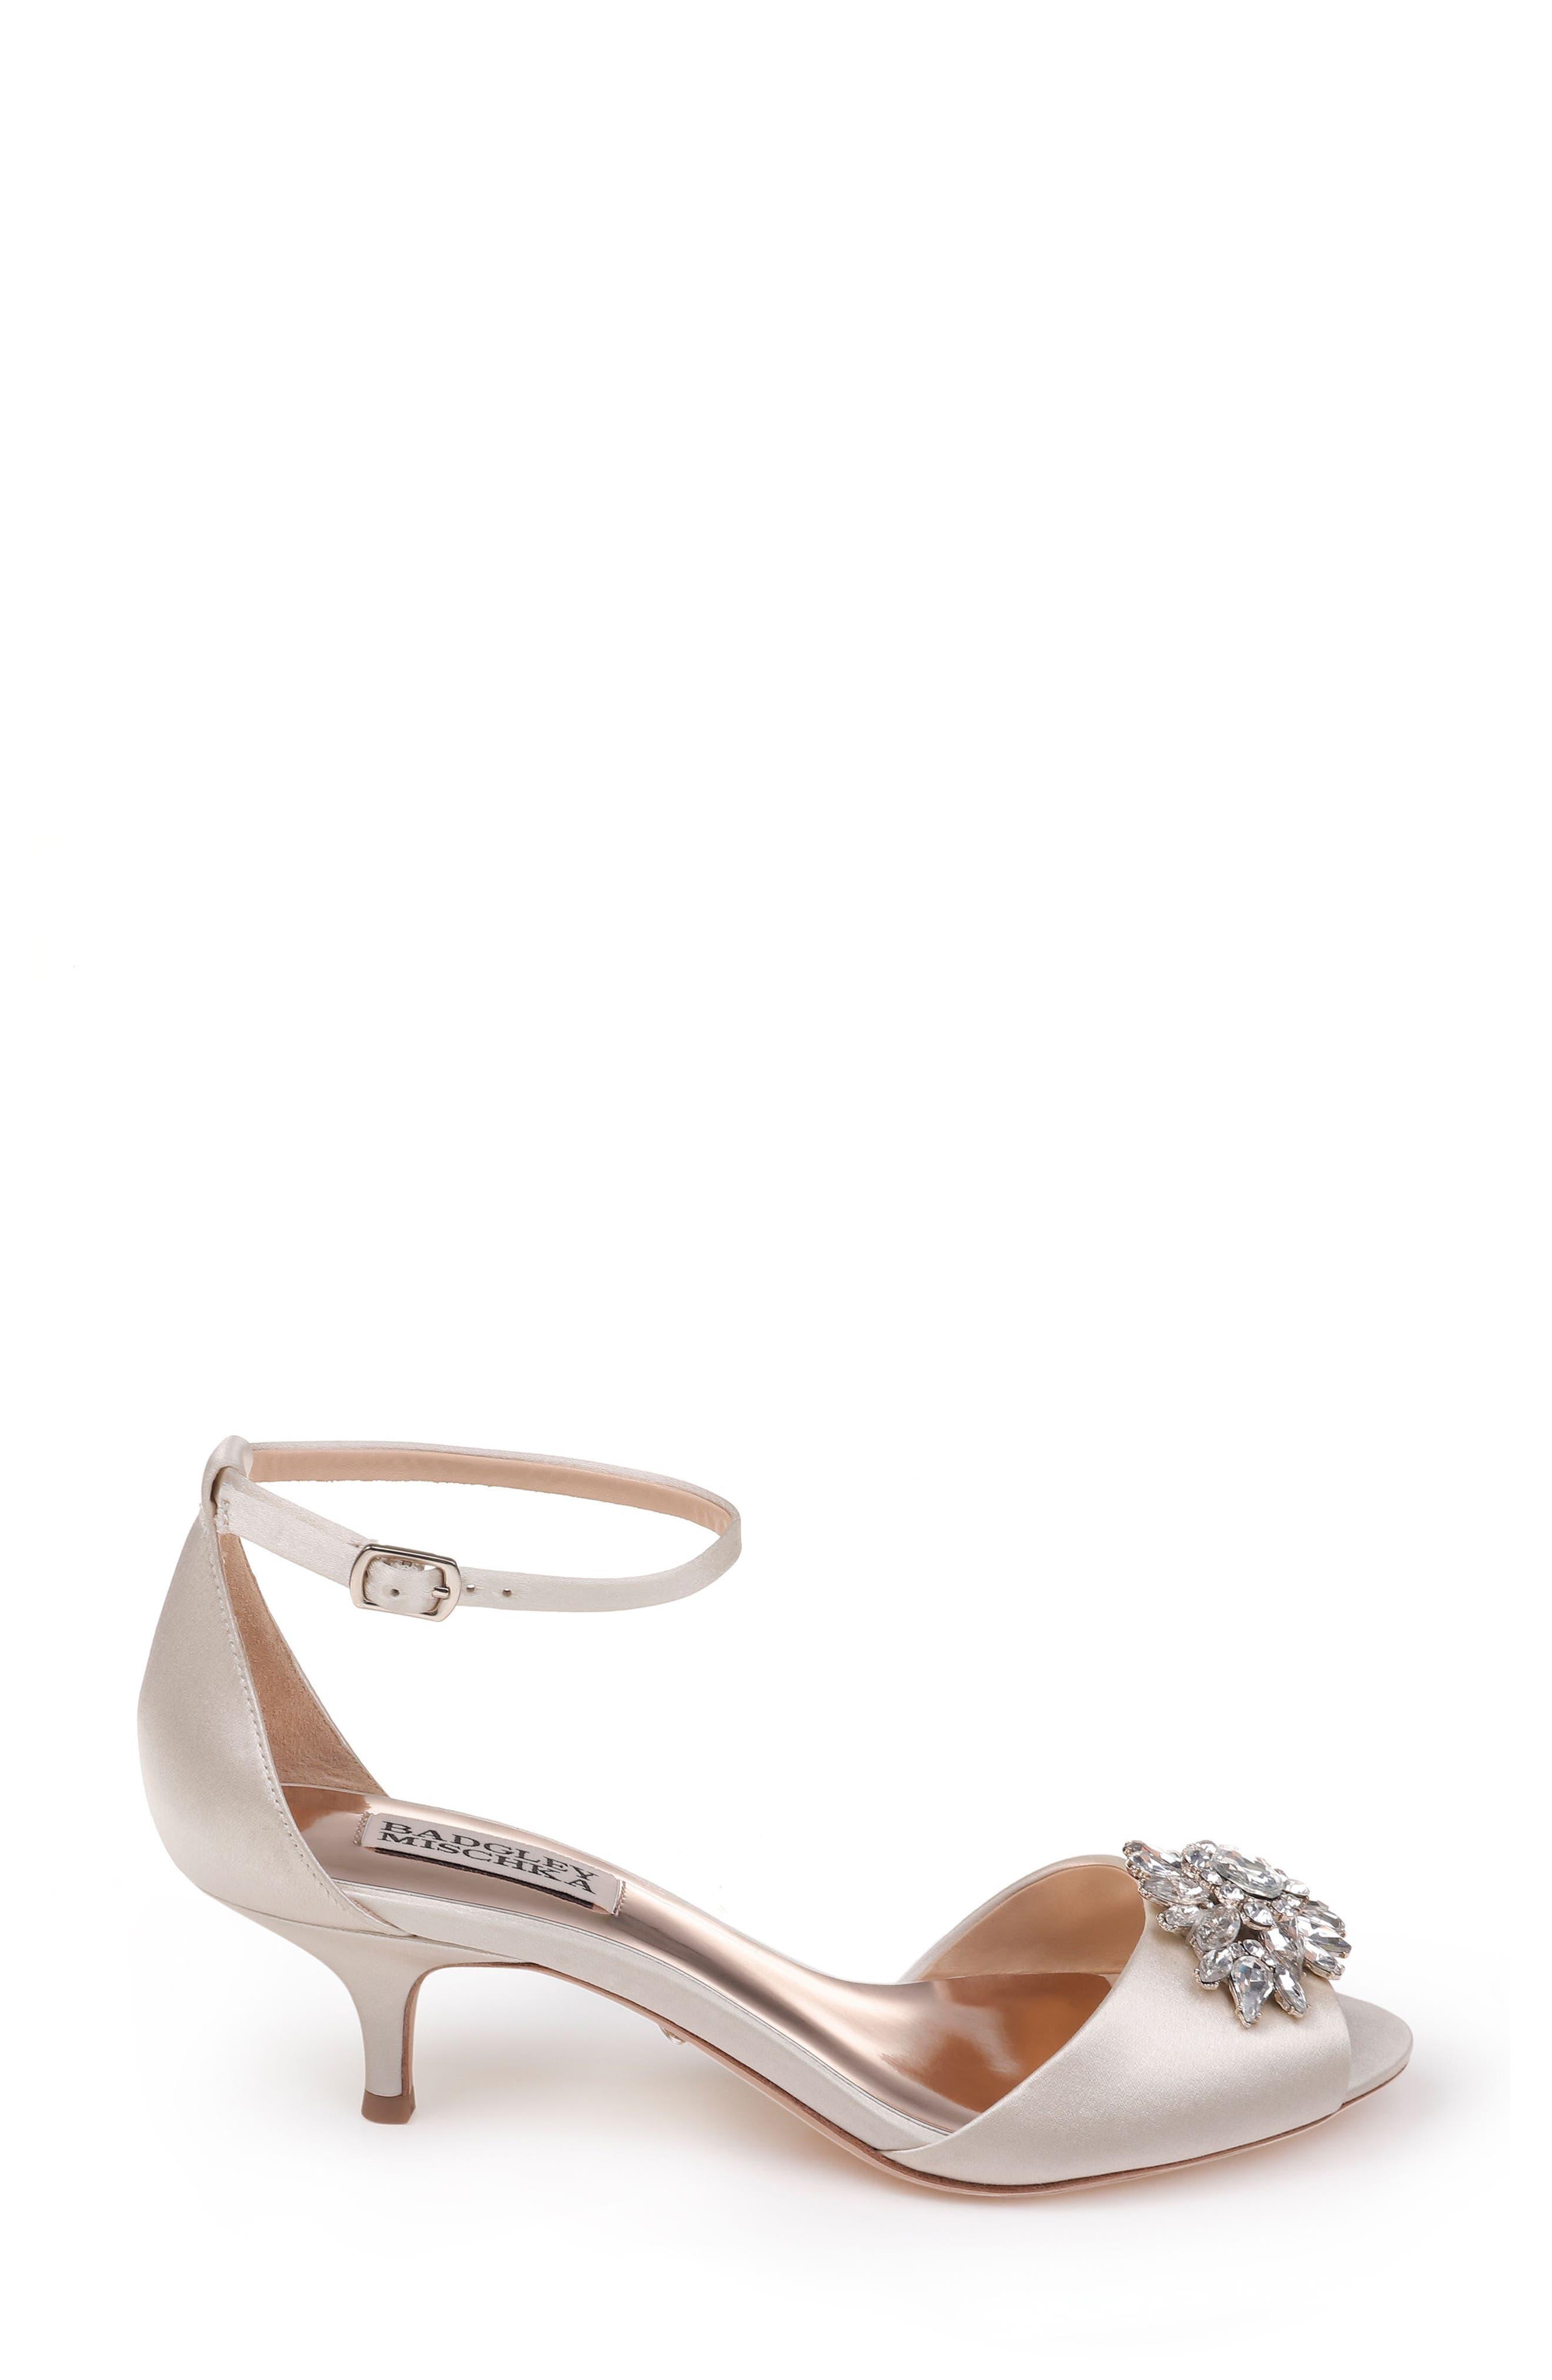 Sainte Crystal Embellished Sandal,                             Alternate thumbnail 12, color,